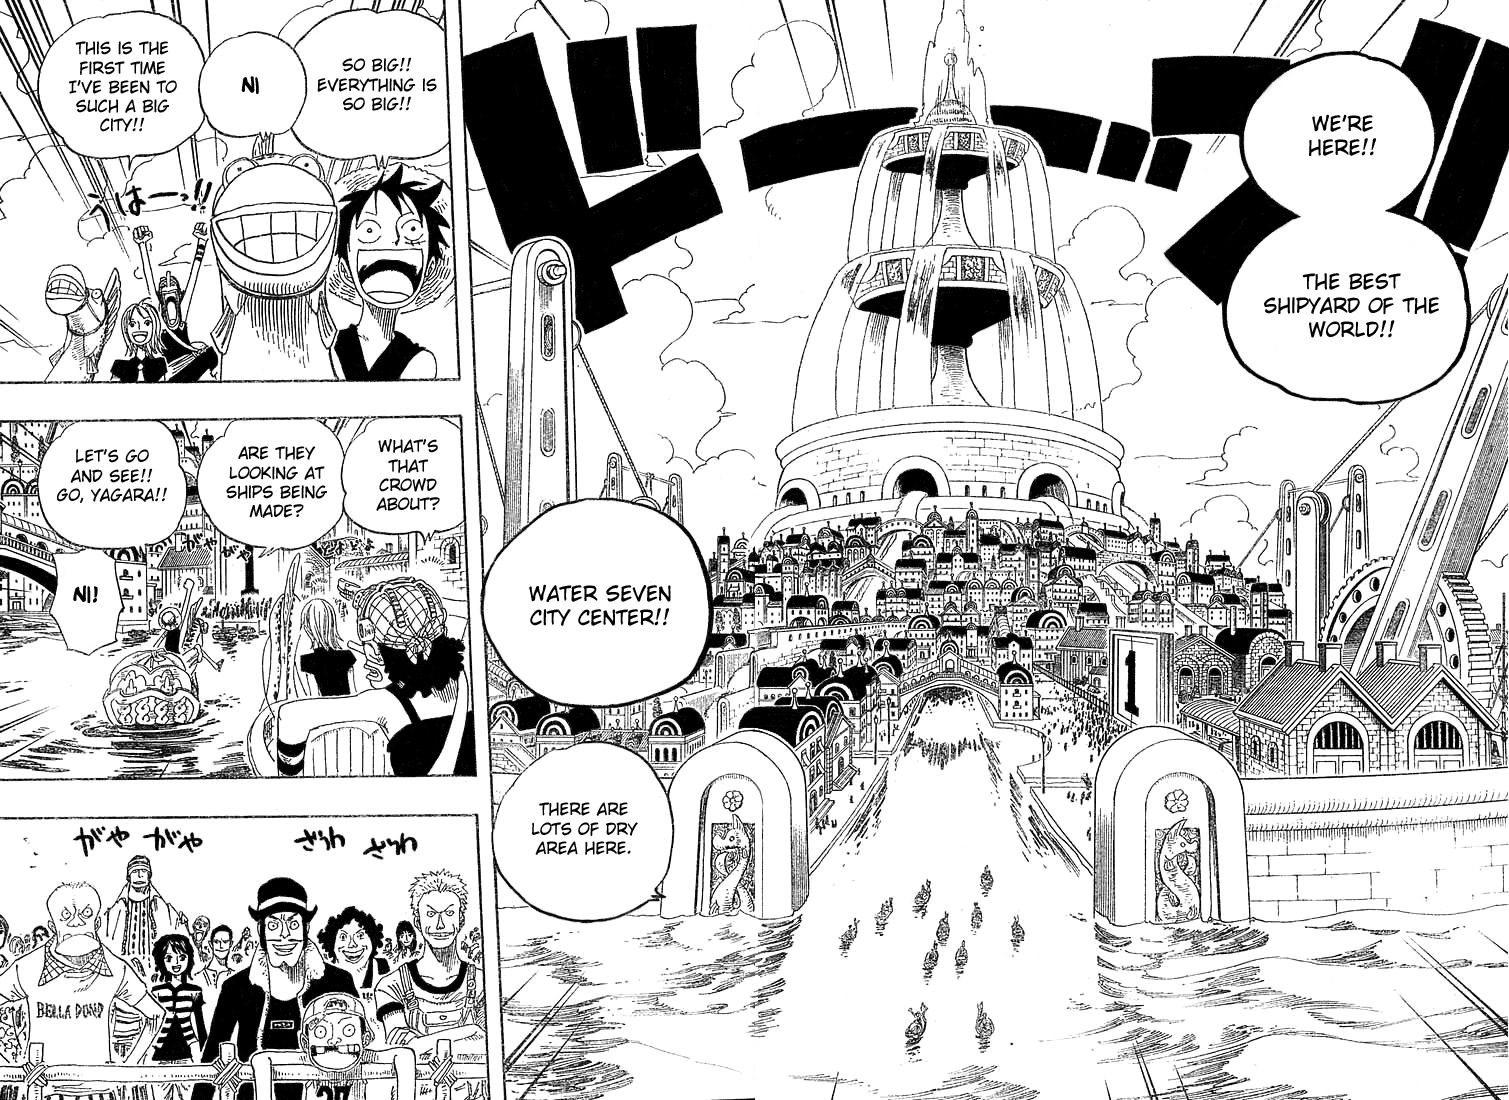 Water Seven One Piece Manga Ch 324 Page 16 One Piece Manga One Piece Chapter Manga